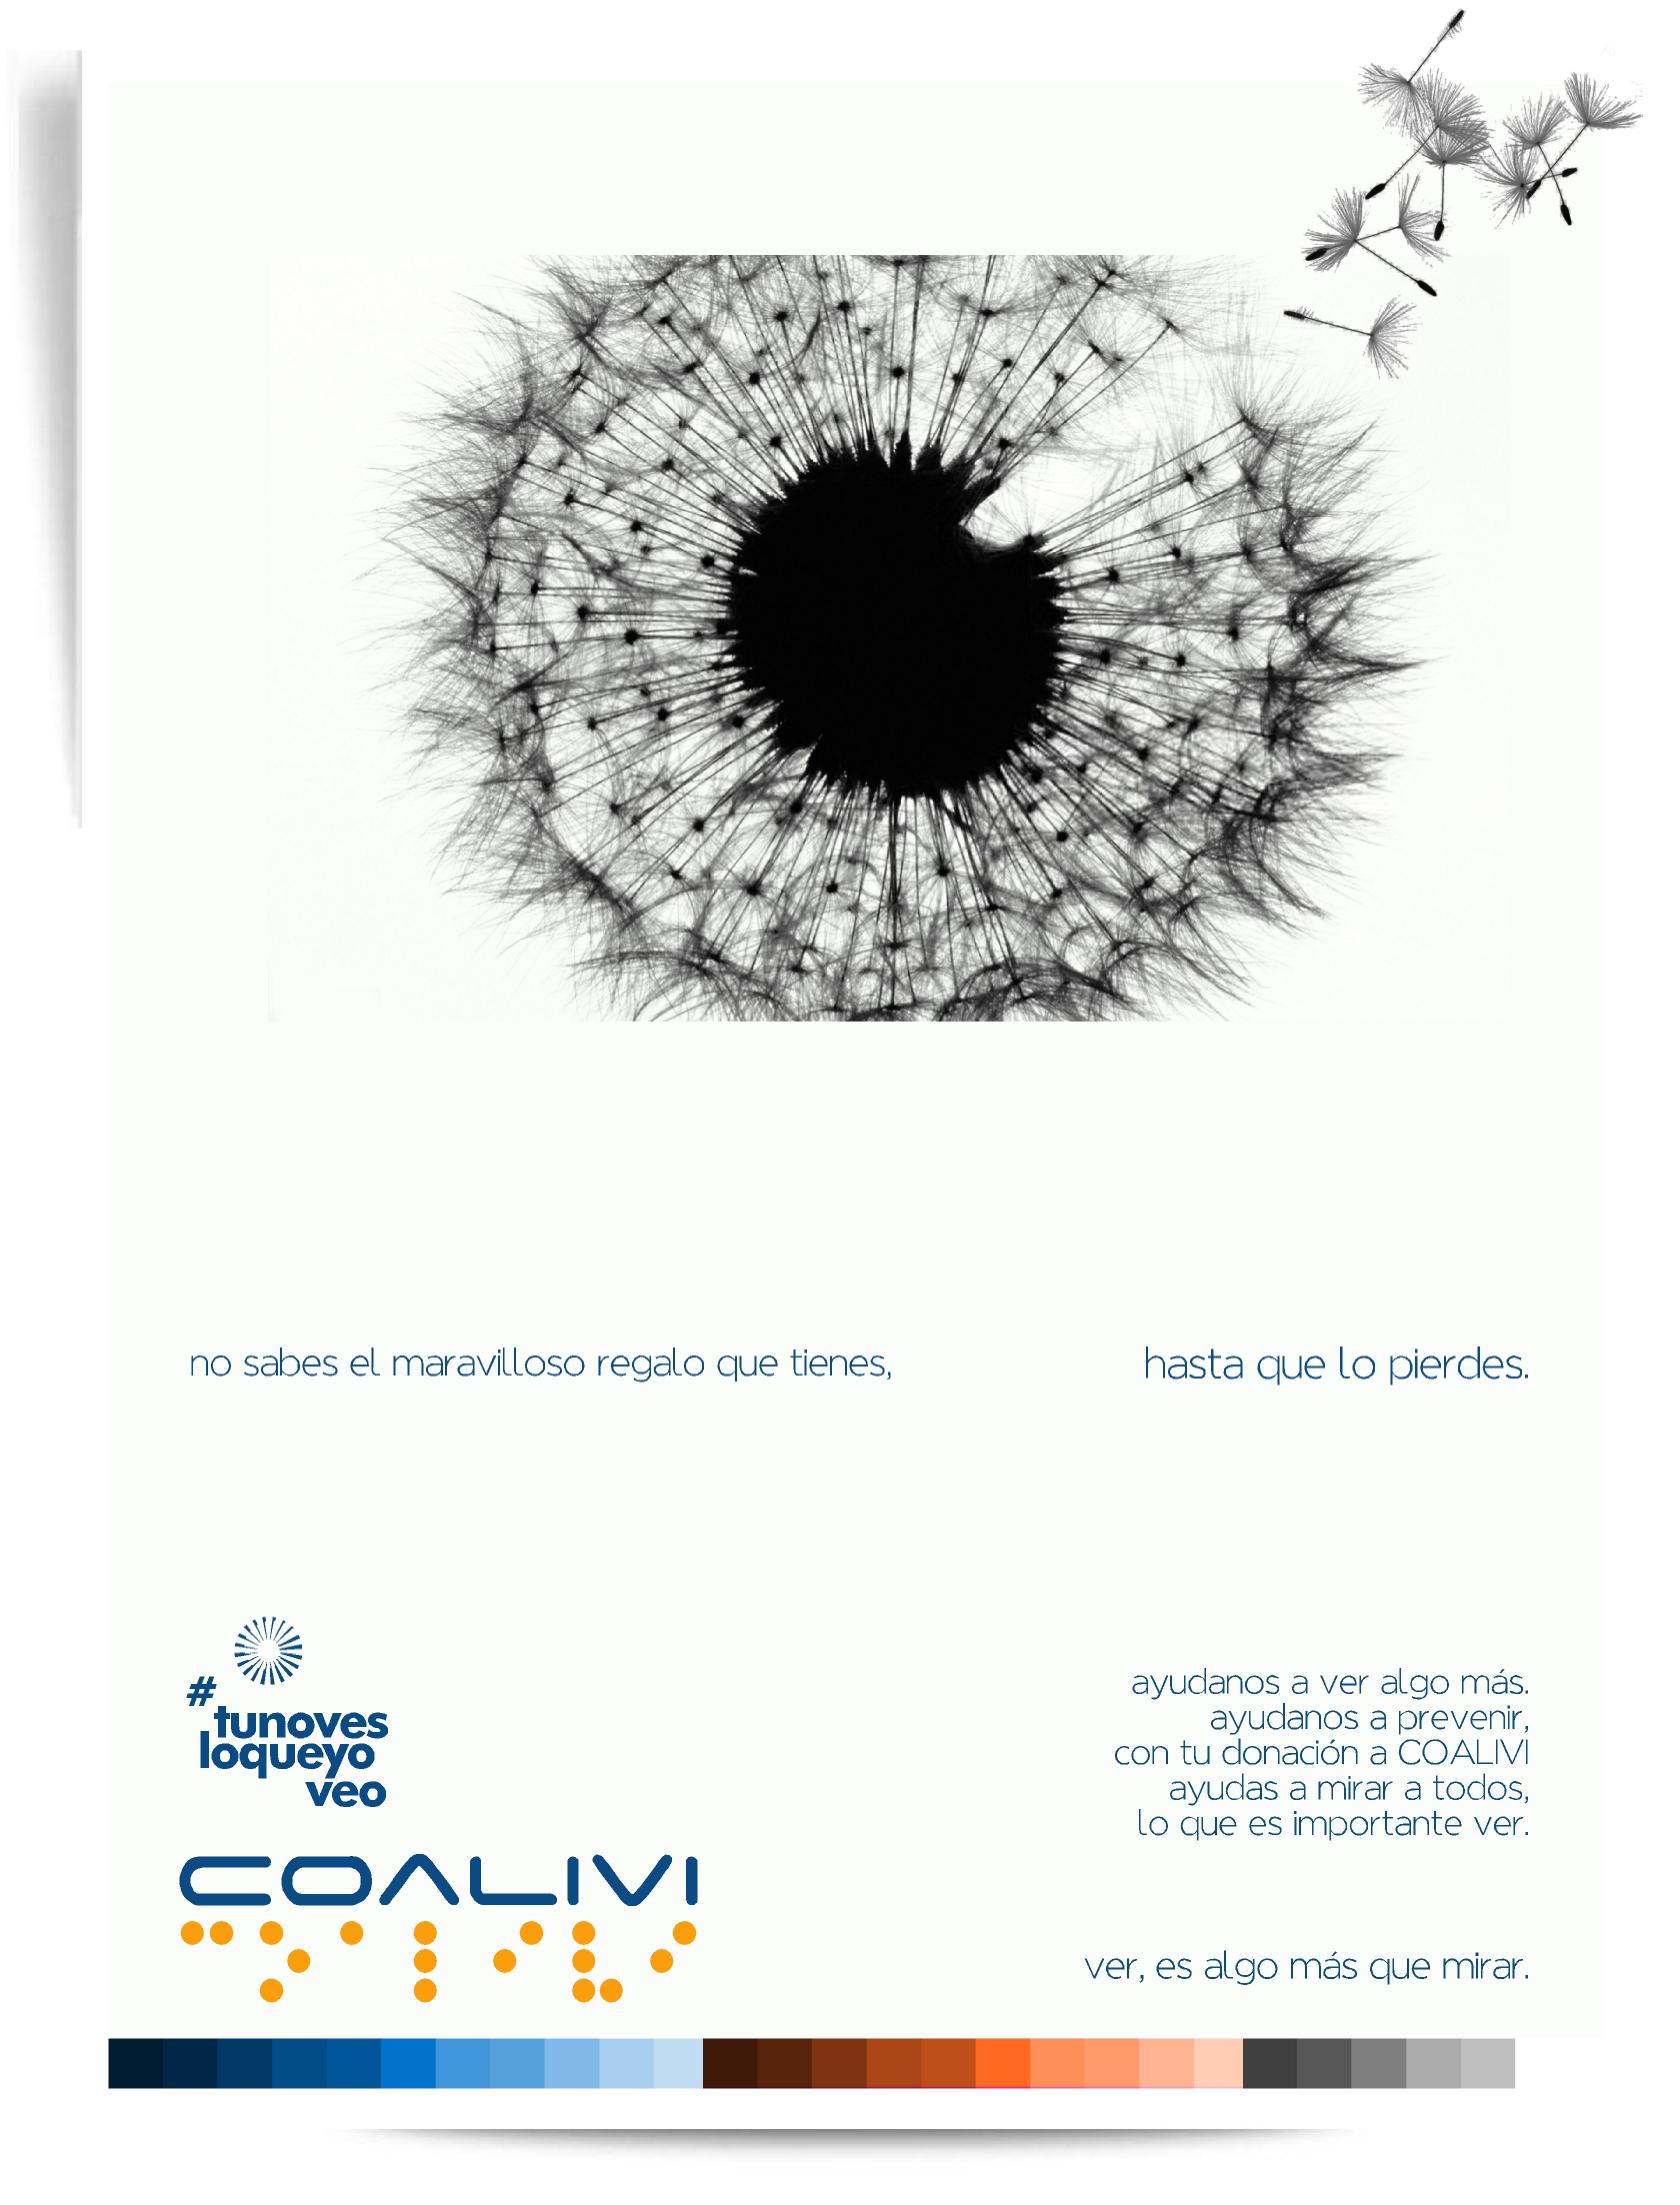 Coalivi Brand1